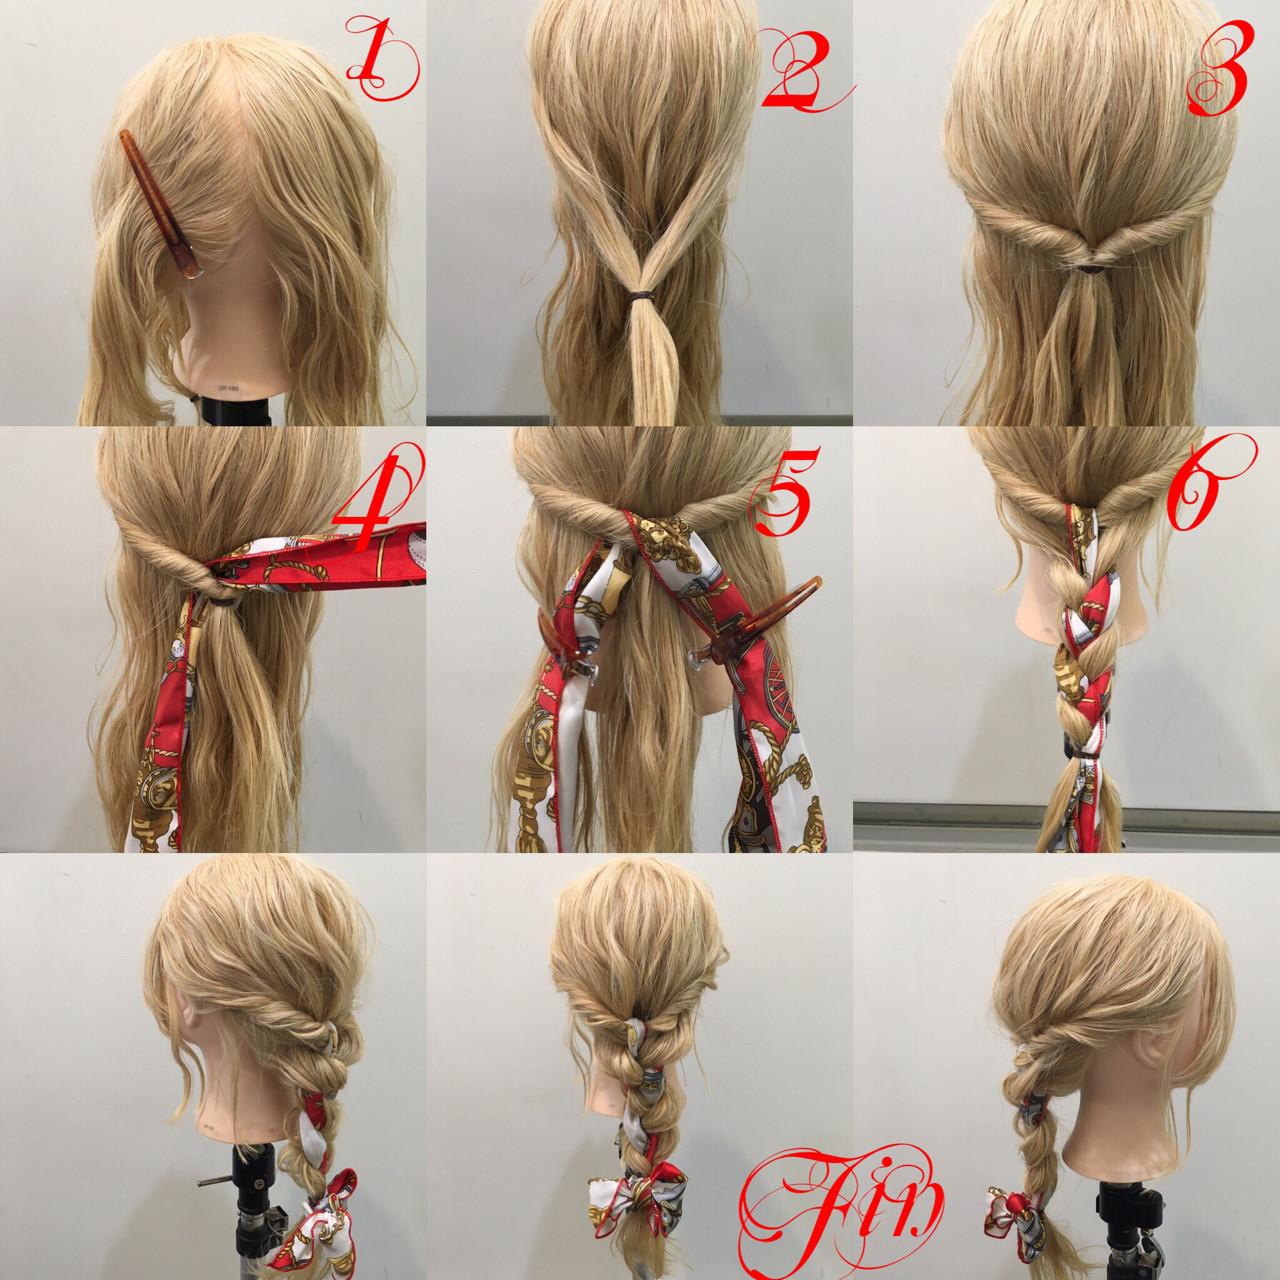 簡単ヘアアレンジ ヘアアクセ ヘアアレンジ ショート ヘアスタイルや髪型の写真・画像